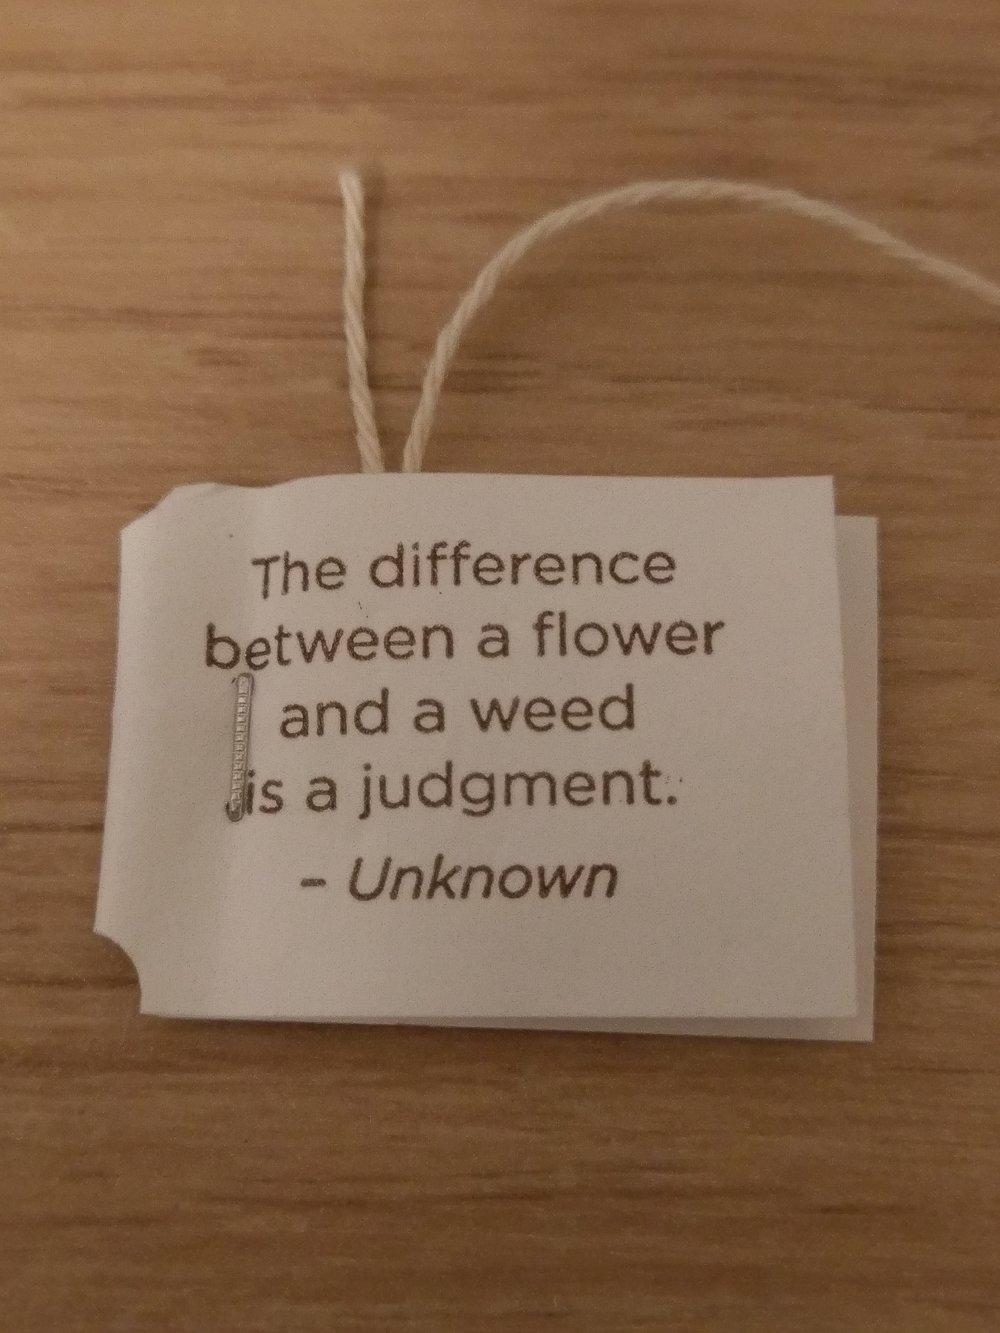 (or so says my tea bag...)